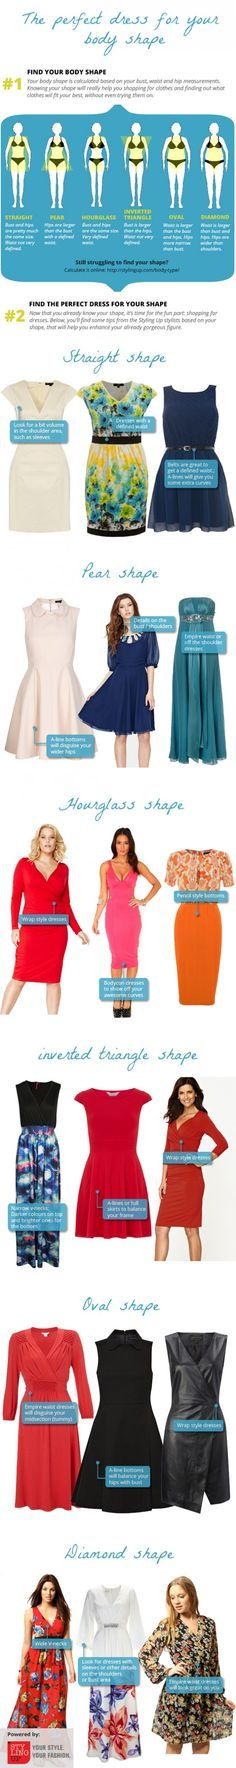 The perfect dress for your body shape El vestido perfecto según la forma de tu cuerpo